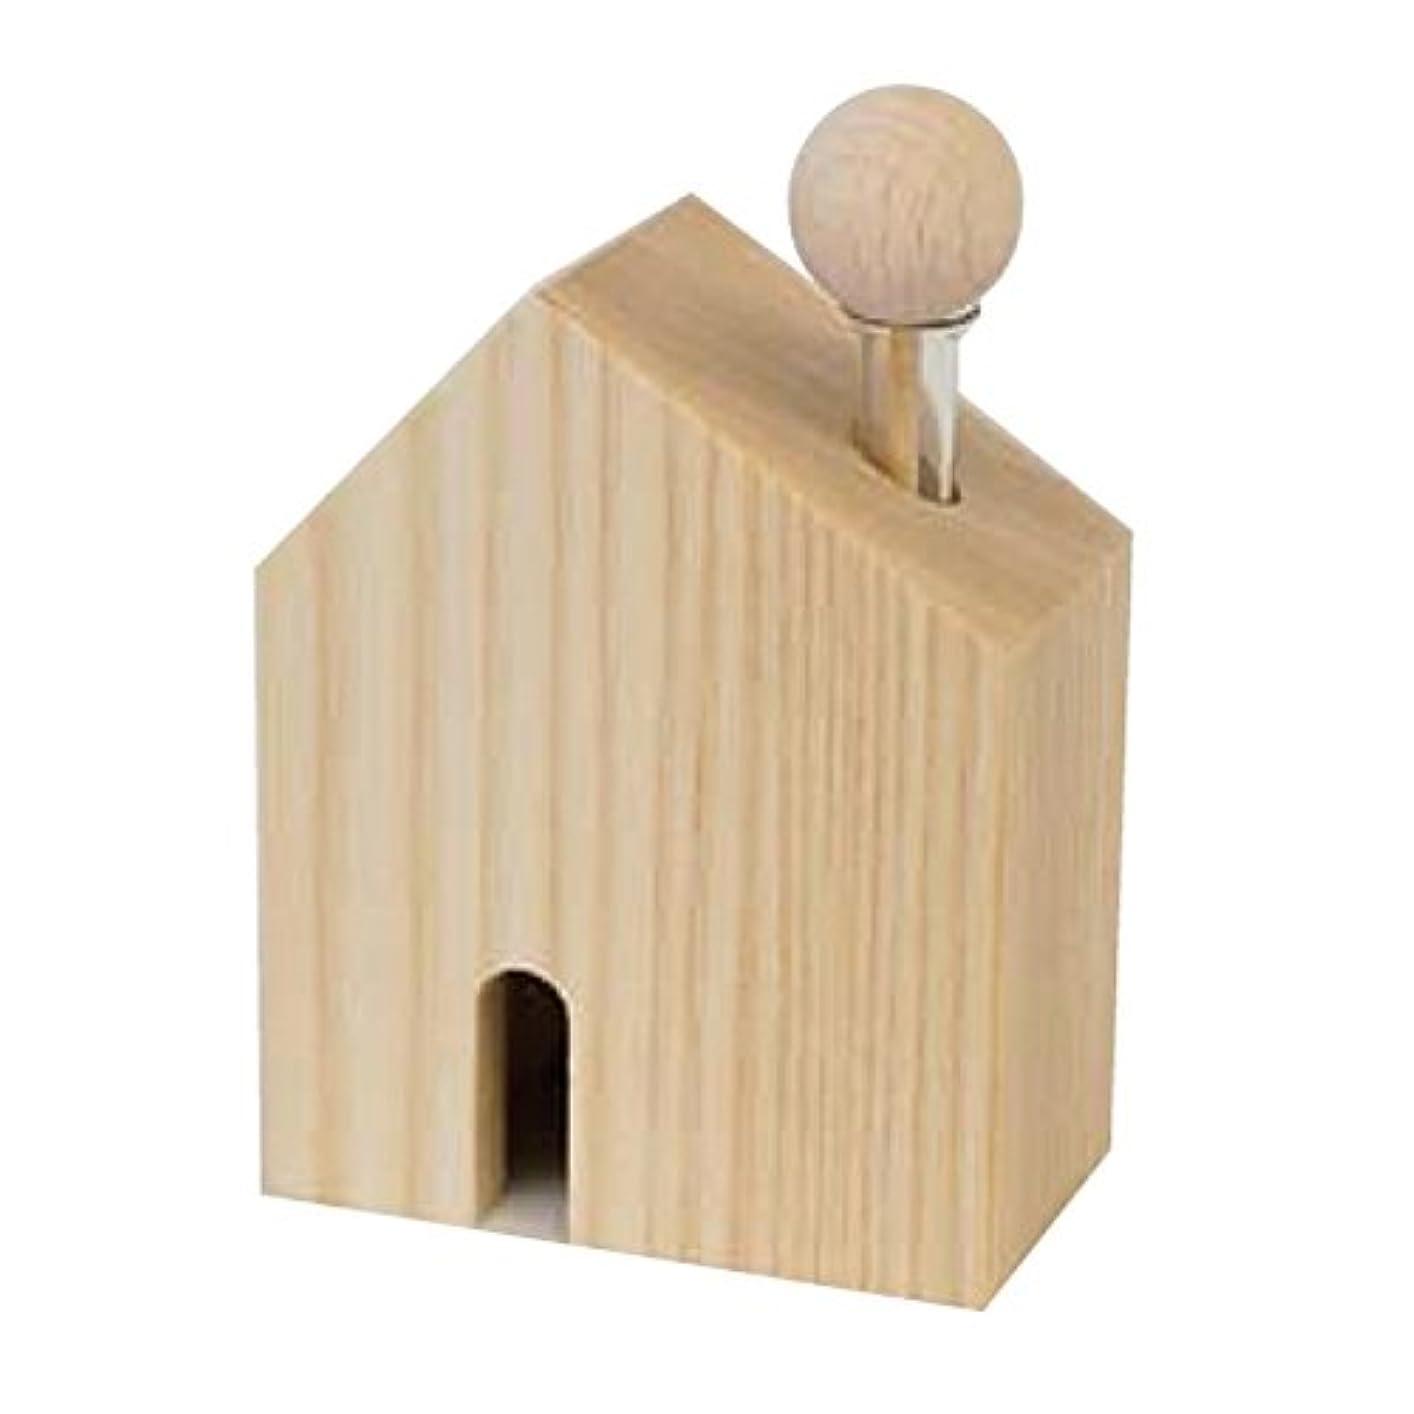 カリス成城 アロマ芳香器 木のお家